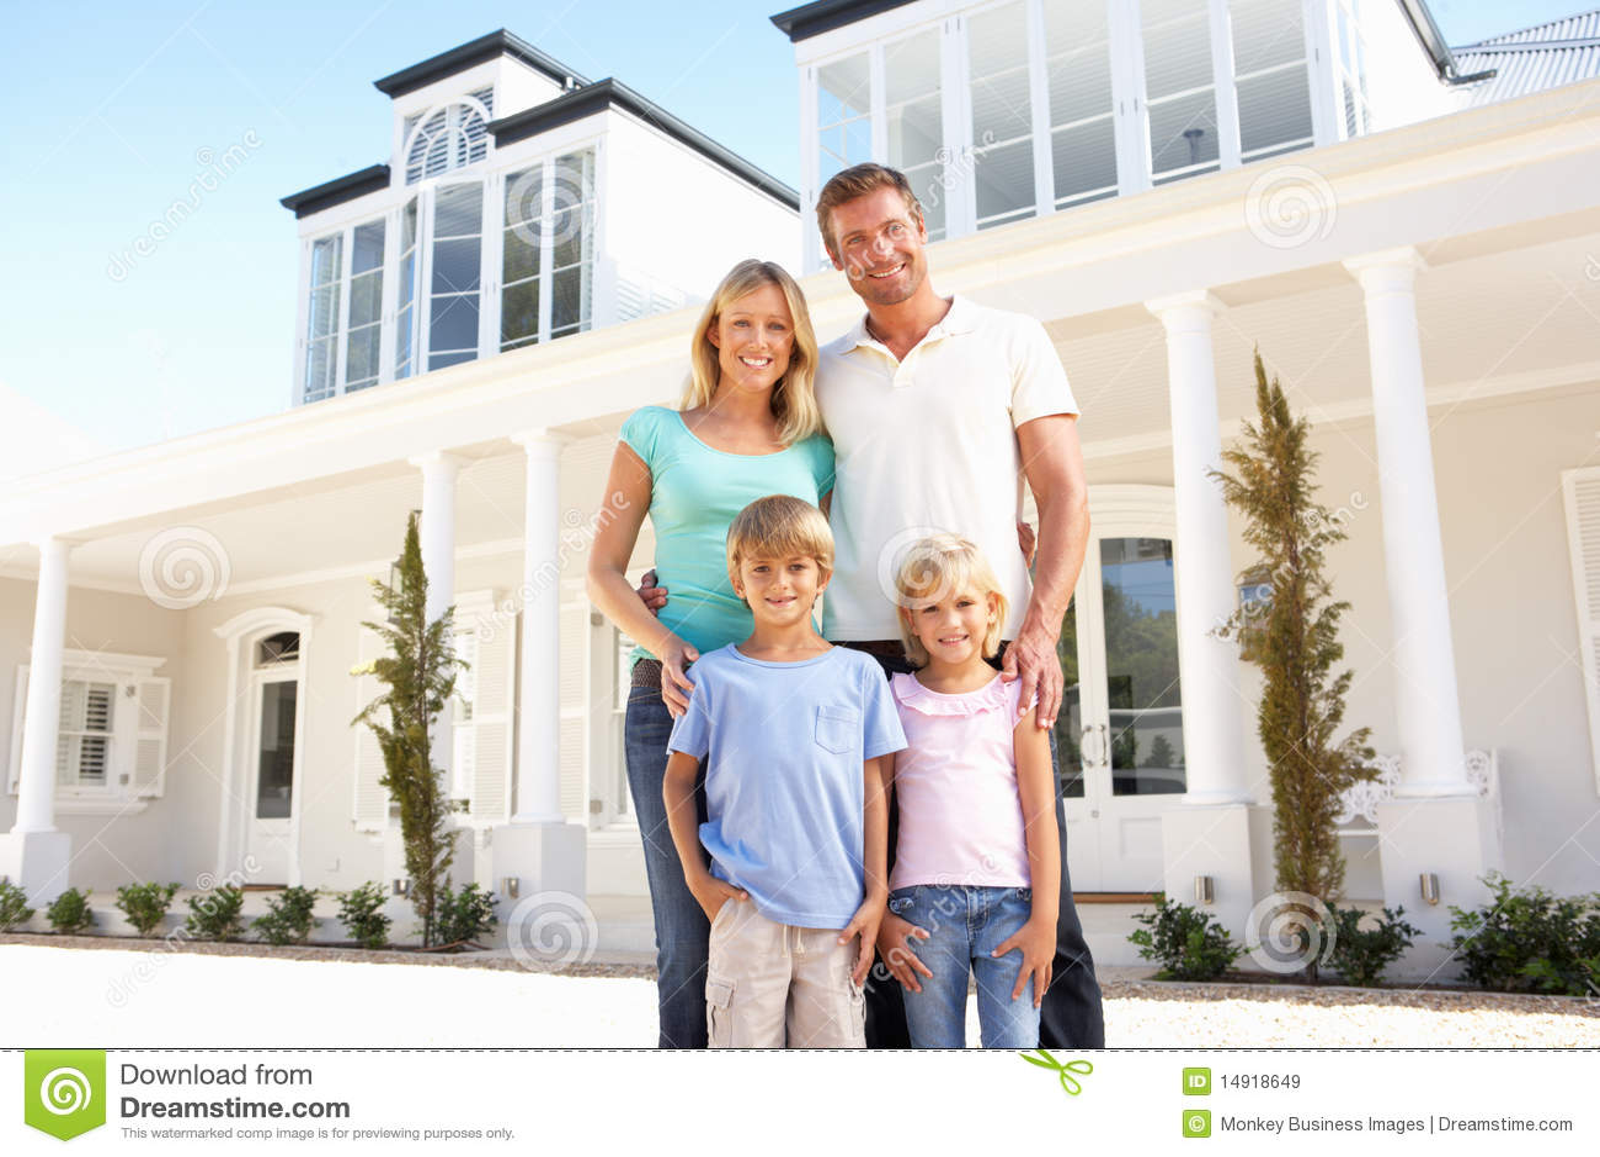 Jonge familie die zich buiten het huis van de droom bevindt stock afbeelding afbeelding 14918649 - Huis van kind buiten ...